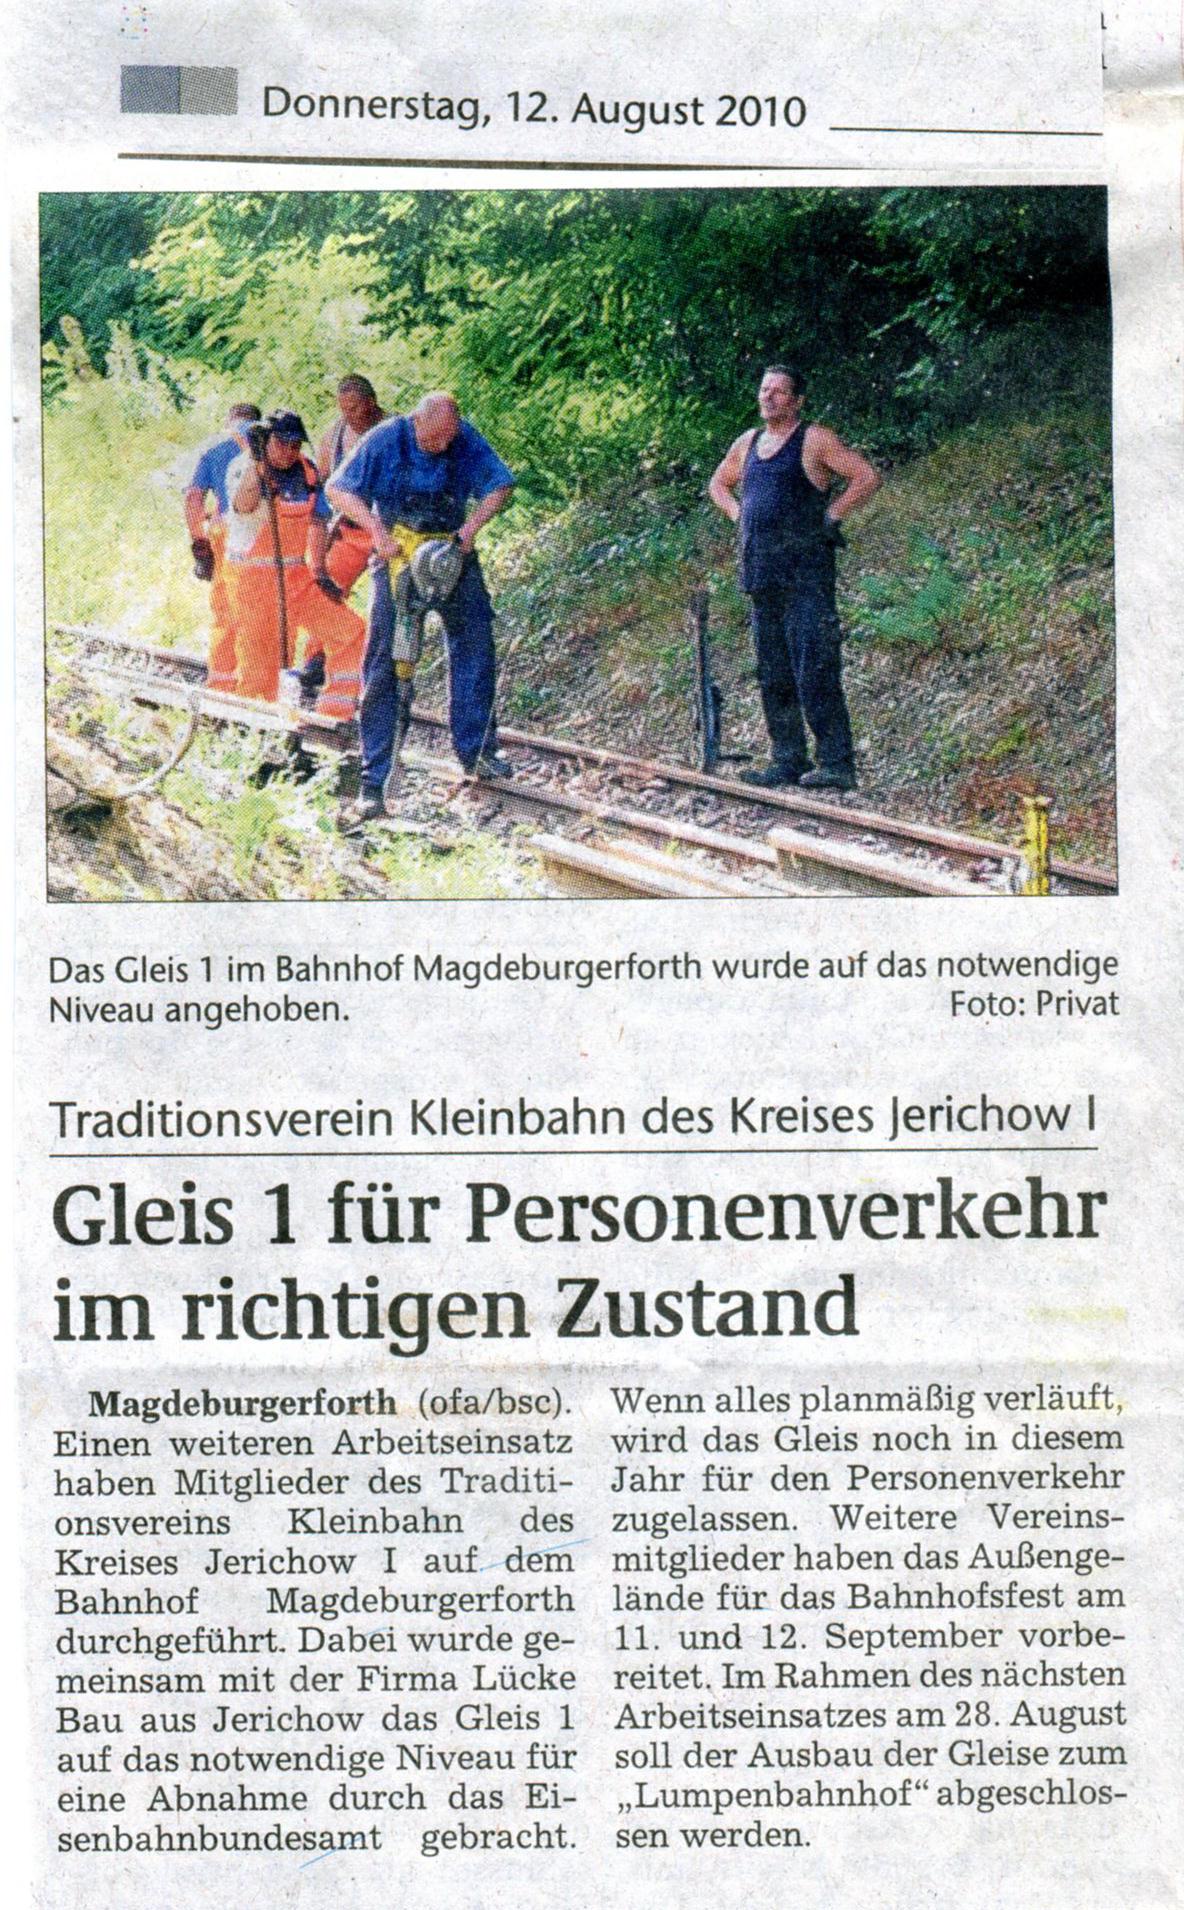 (Volksstimme/Burg 12.08.2010)